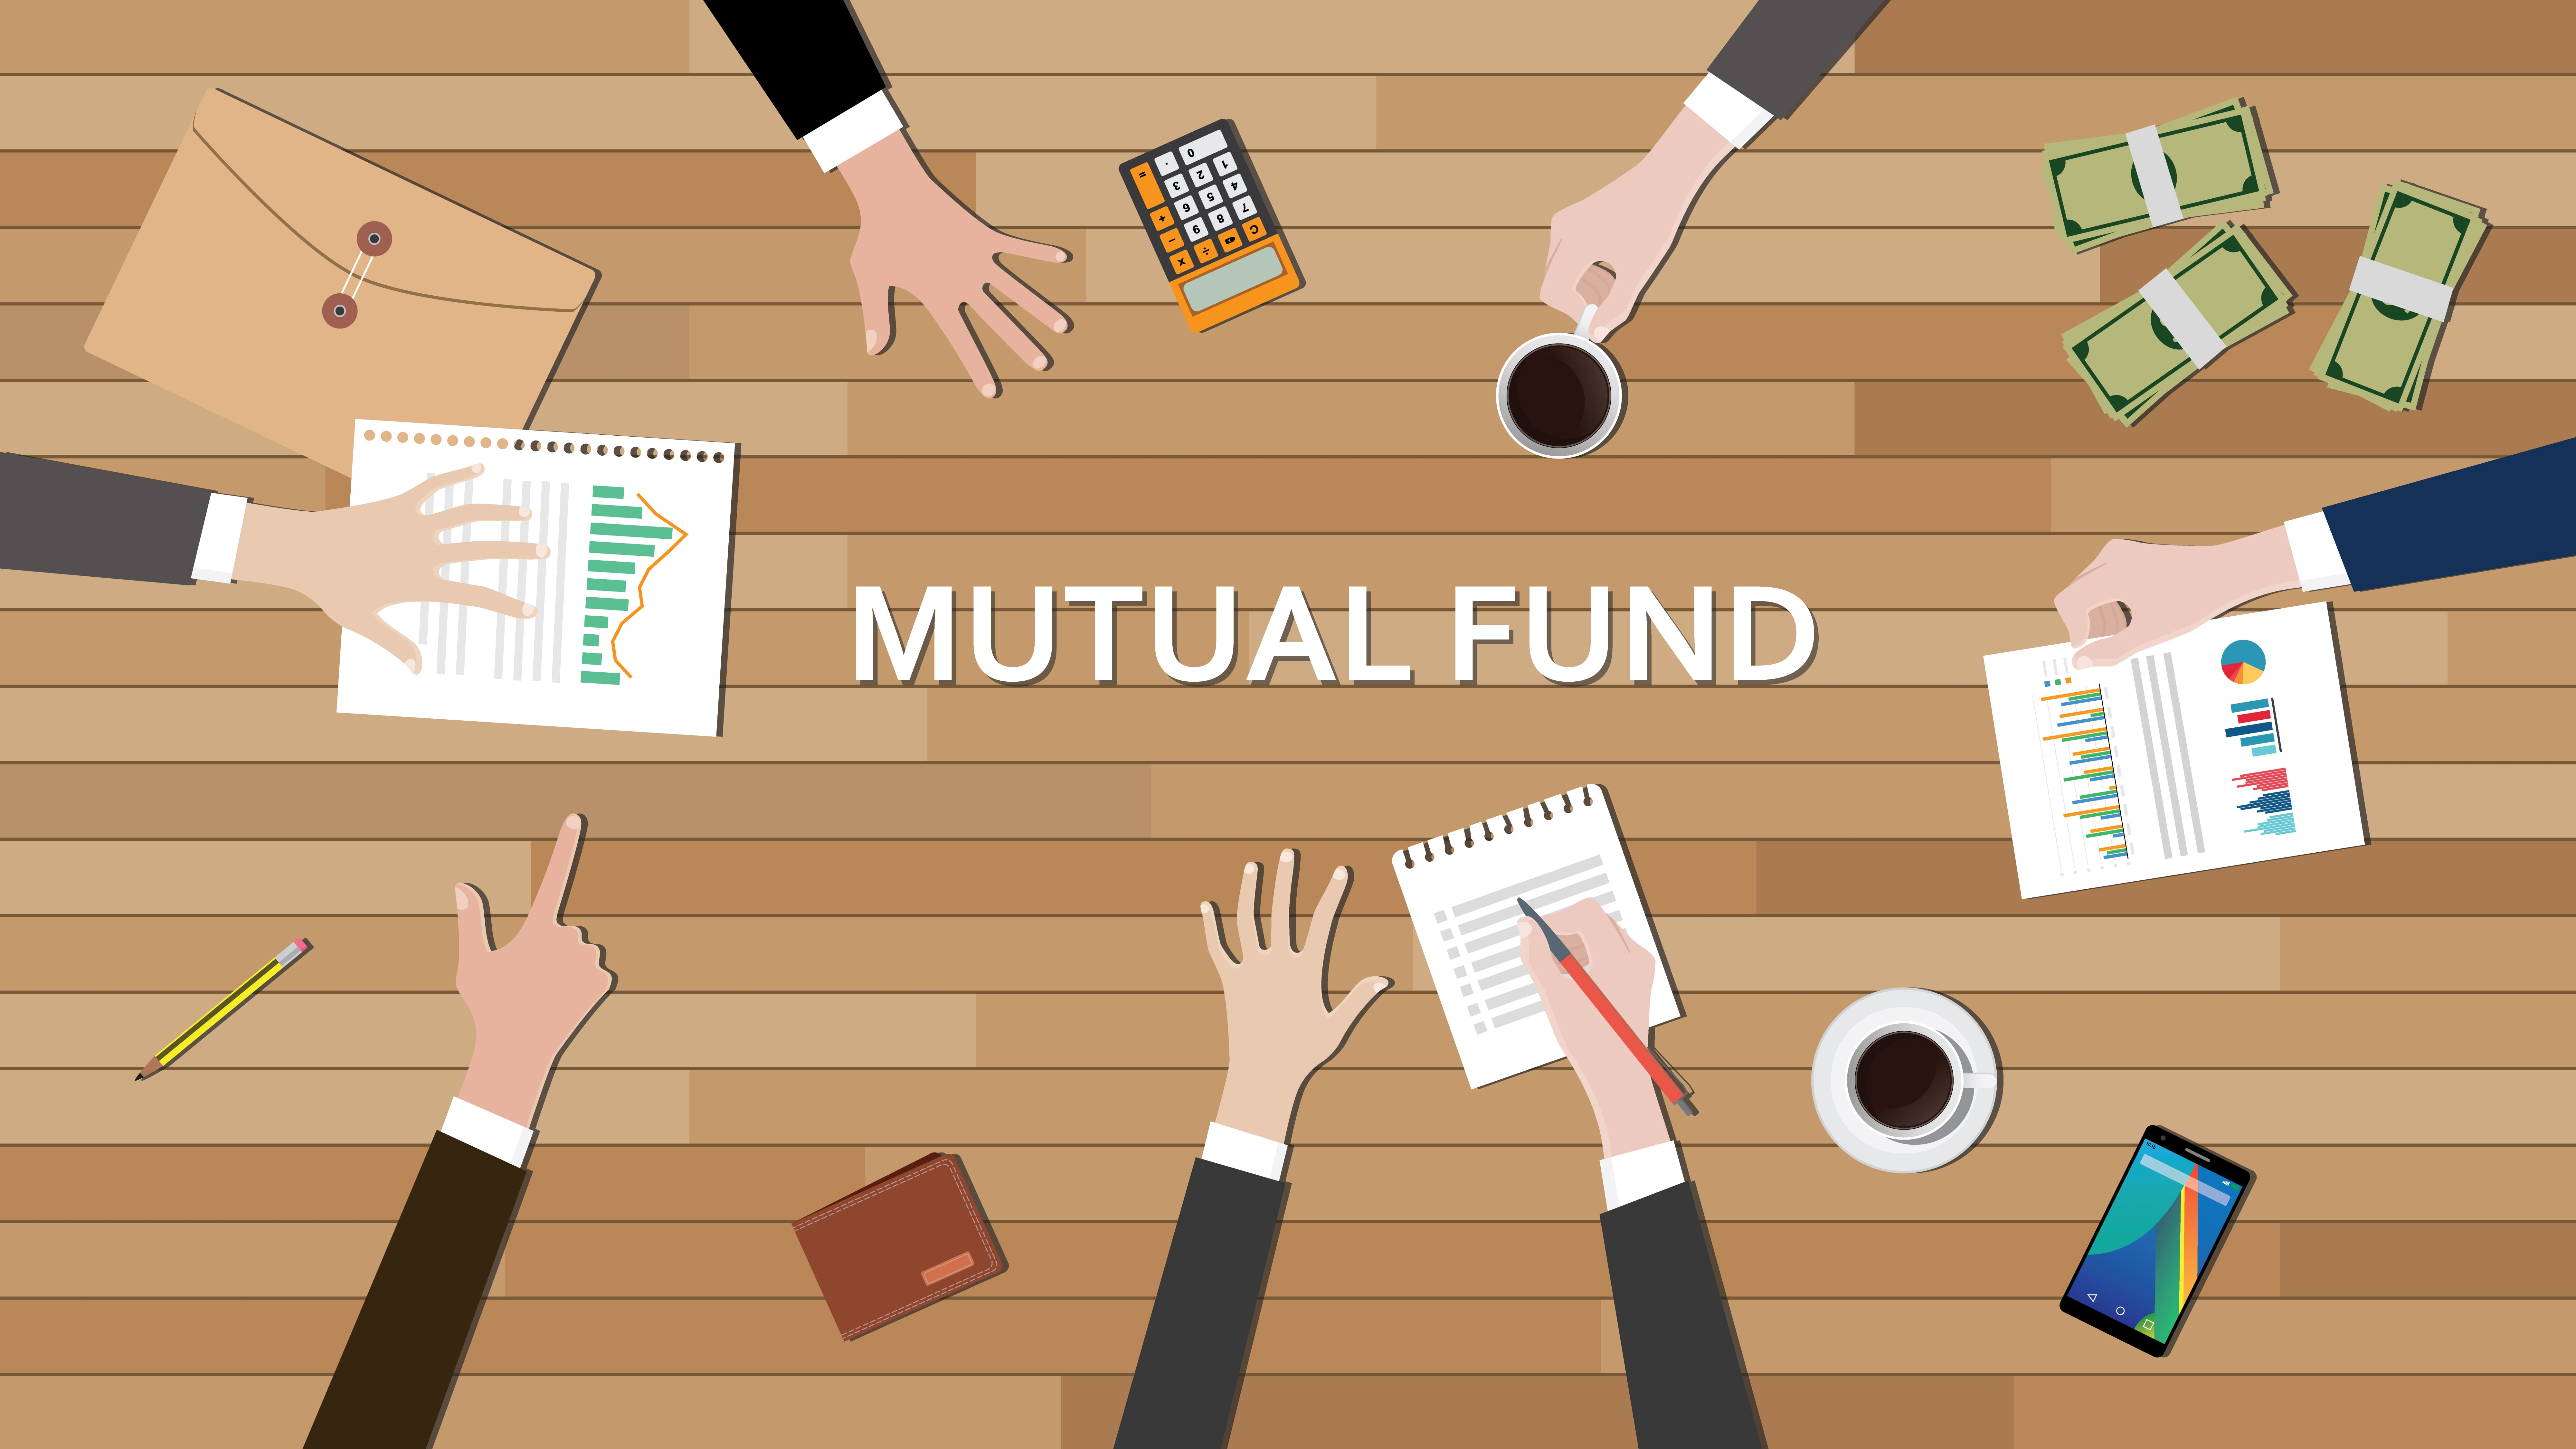 ファクタリングは資金問題を解決する有効手段 事業者に人気の資金調達方法